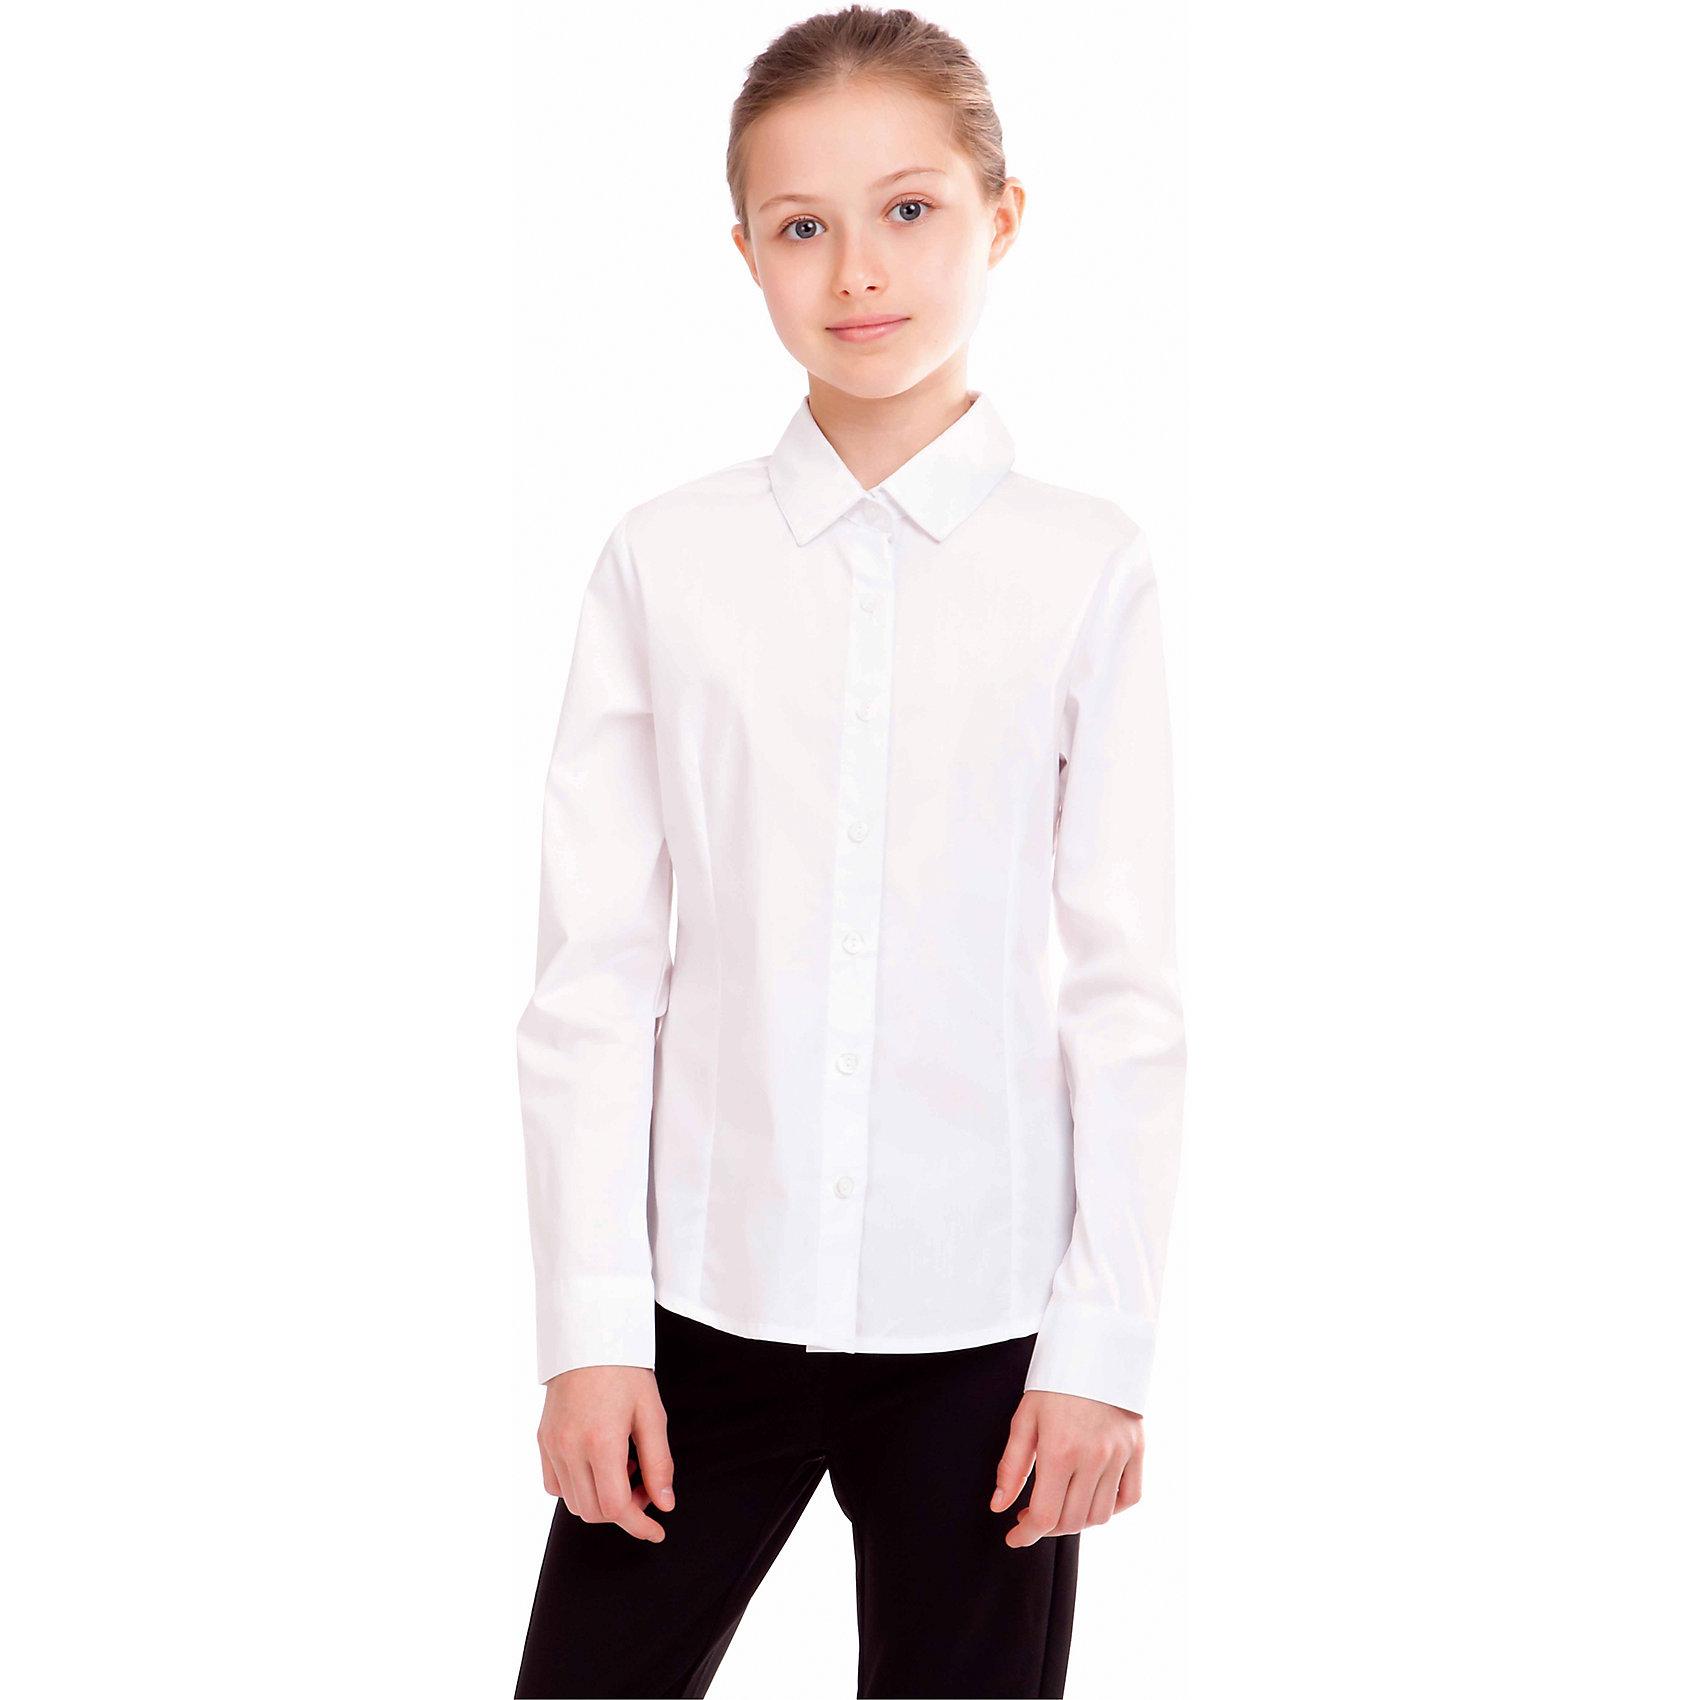 Блузка для девочки GulliverБлузки и рубашки<br>Блузка для девочки от российской марки Gulliver.<br>Классическая блузка для каждого дня современной школьницы.  В составе ткани значительное содержание хлопка. Полиэстер и эластан играют роль смягчающего волокна и гарантируют комфортную посадку блузки на фигуре. Отсутствие крупных декоративных деталей на полочке позволят ей быть прекрасным дополнением к любому сарафану.<br>Состав:<br>68%хлопок, 29% полиэстер, 3%эластан<br><br>Ширина мм: 186<br>Глубина мм: 87<br>Высота мм: 198<br>Вес г: 197<br>Цвет: белый<br>Возраст от месяцев: 108<br>Возраст до месяцев: 120<br>Пол: Женский<br>Возраст: Детский<br>Размер: 140,158,146,134,122,152,128<br>SKU: 4174728